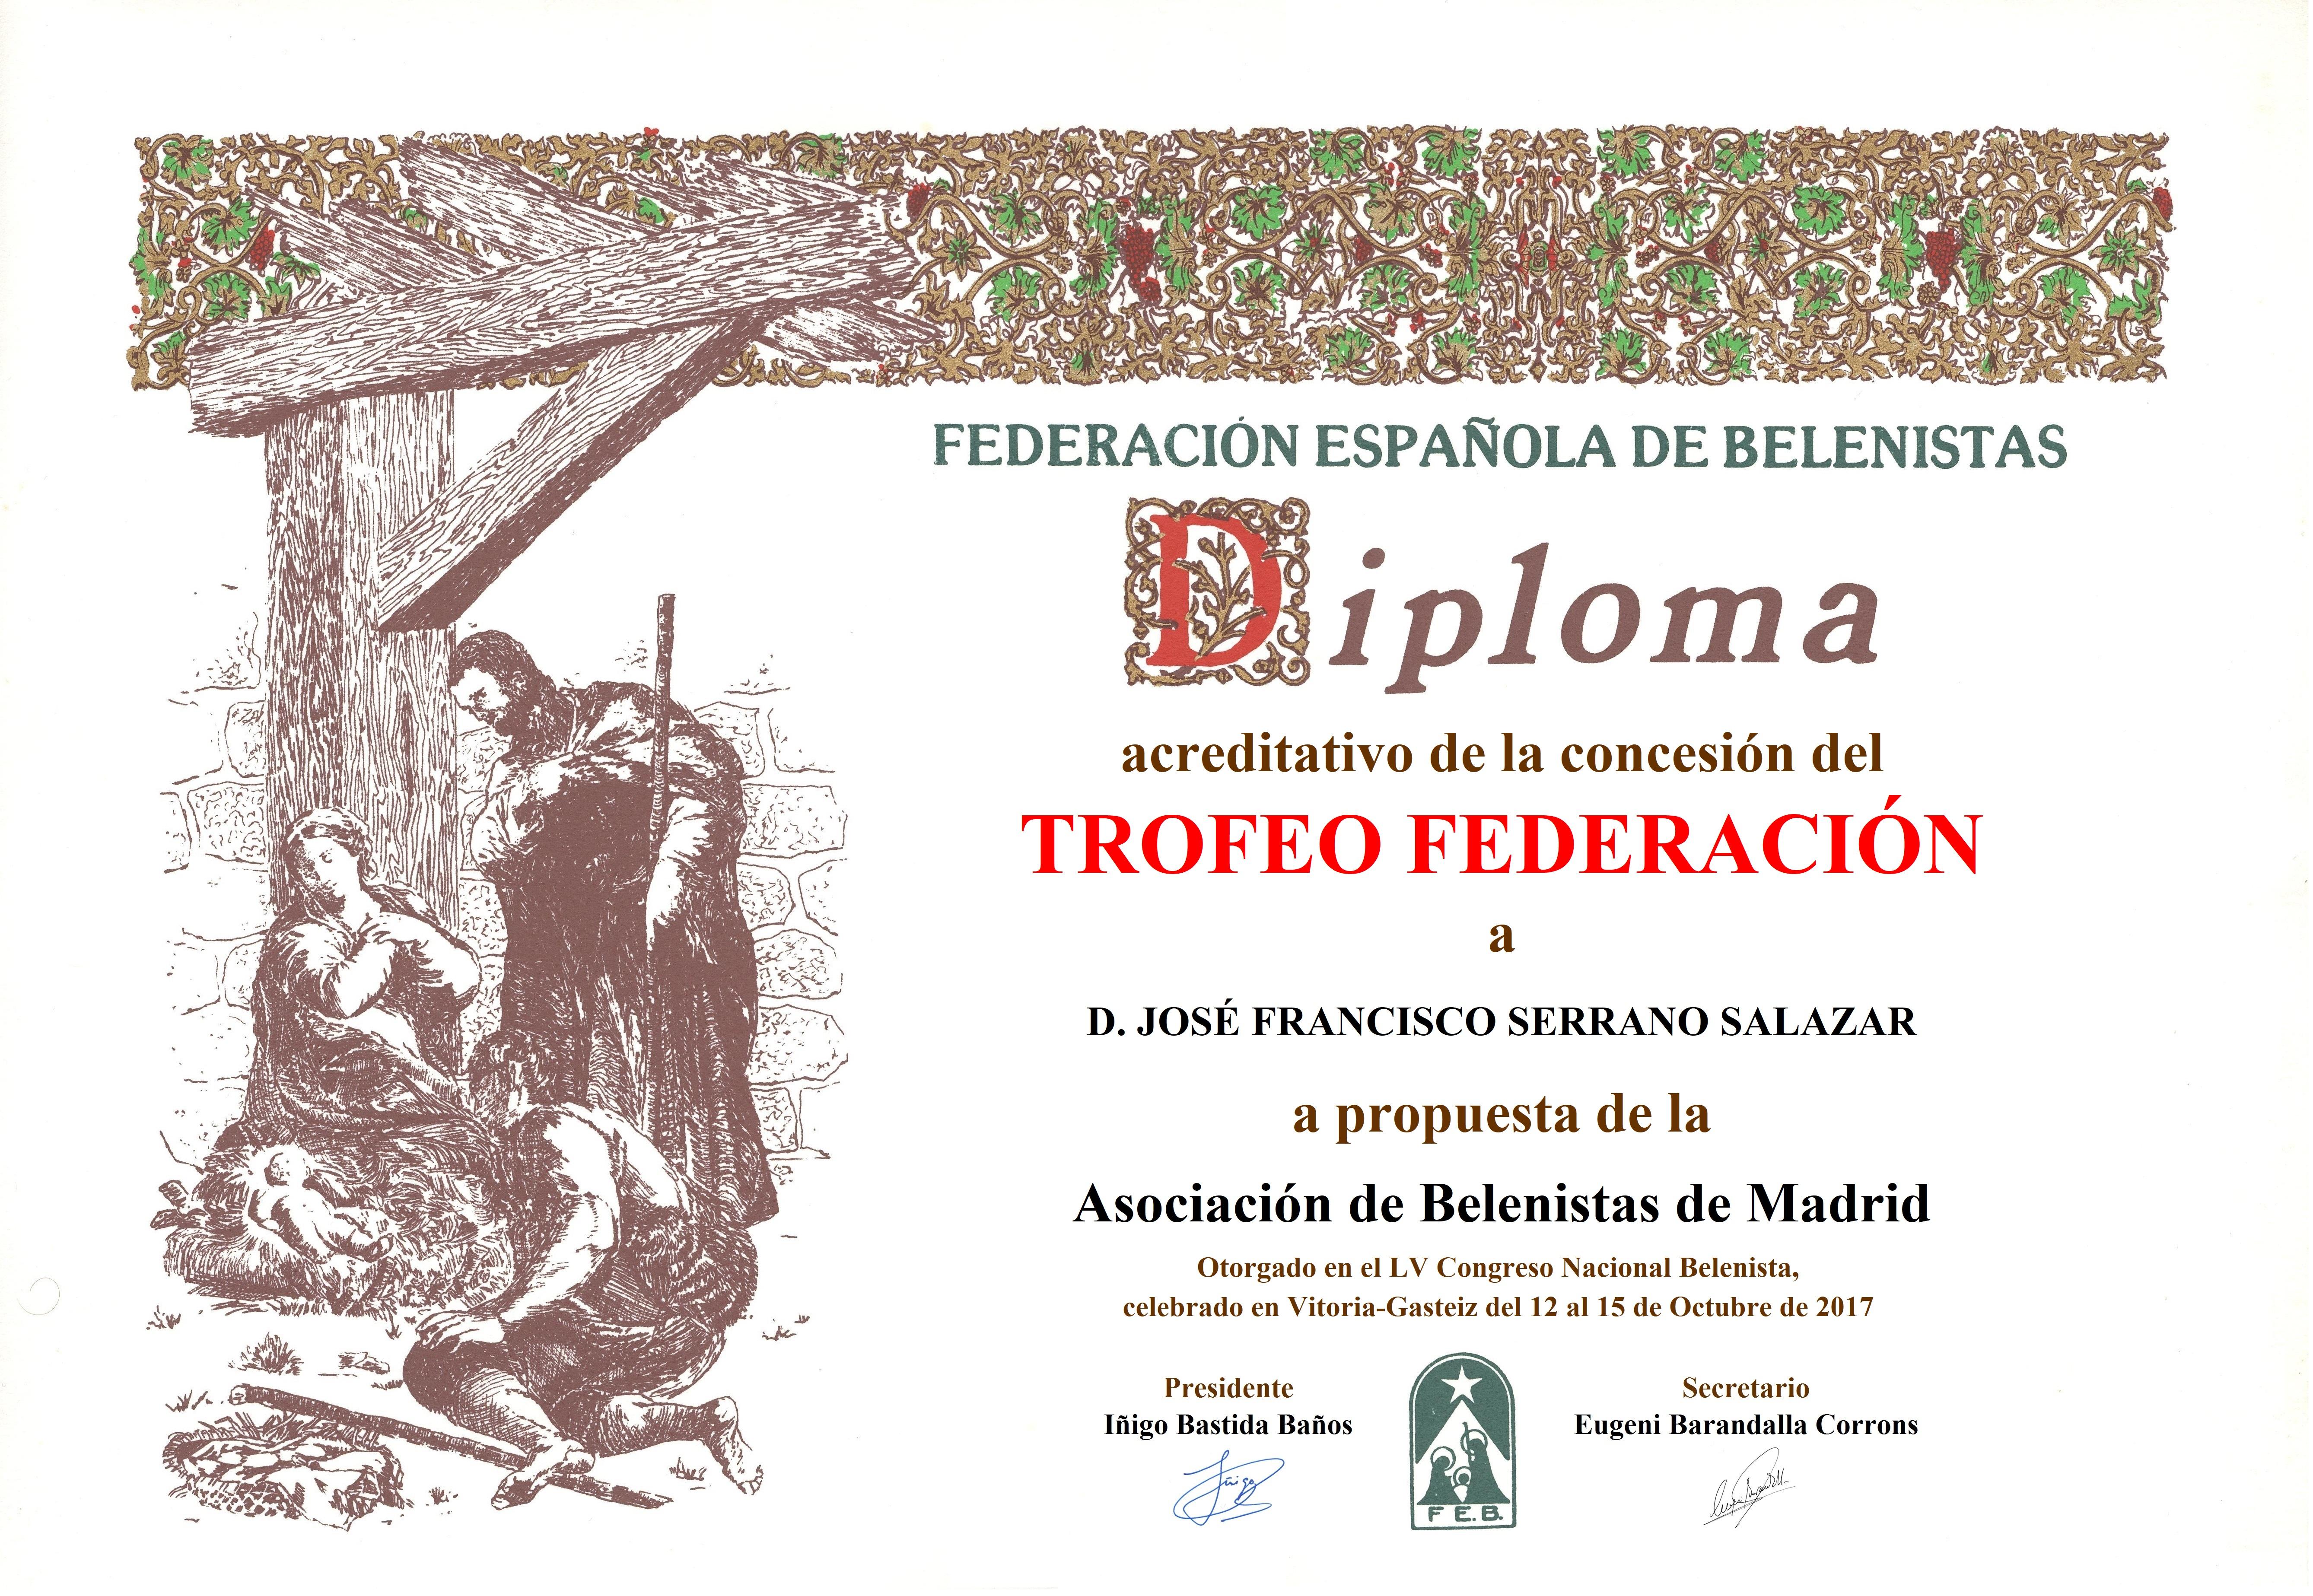 José Francisco Serrano Salazar - Diploma Trofeo FEB 2017